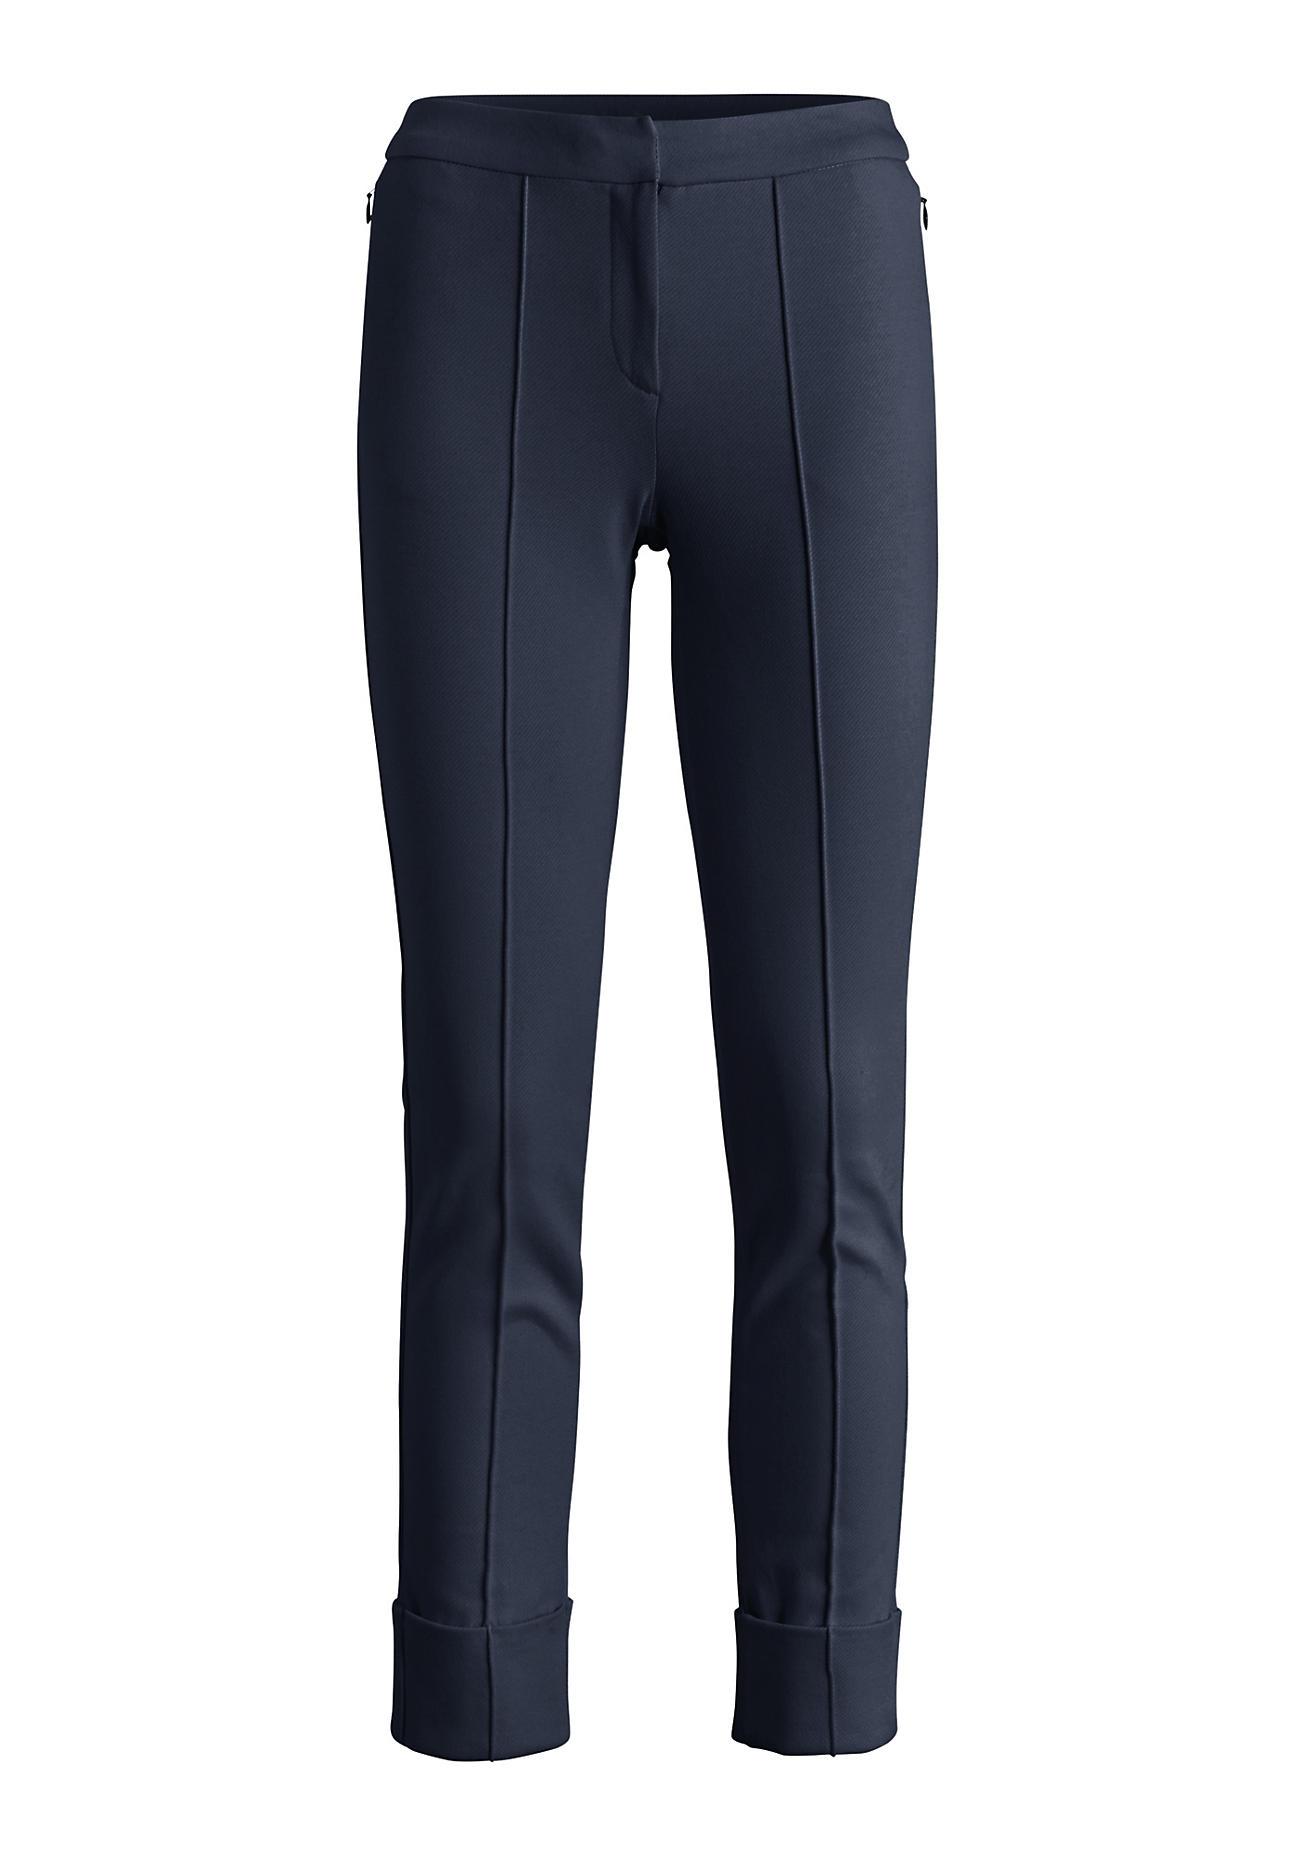 4b6d6f81c3933 blau-ab Sonstige Hosen für Damen online kaufen | Damenmode ...